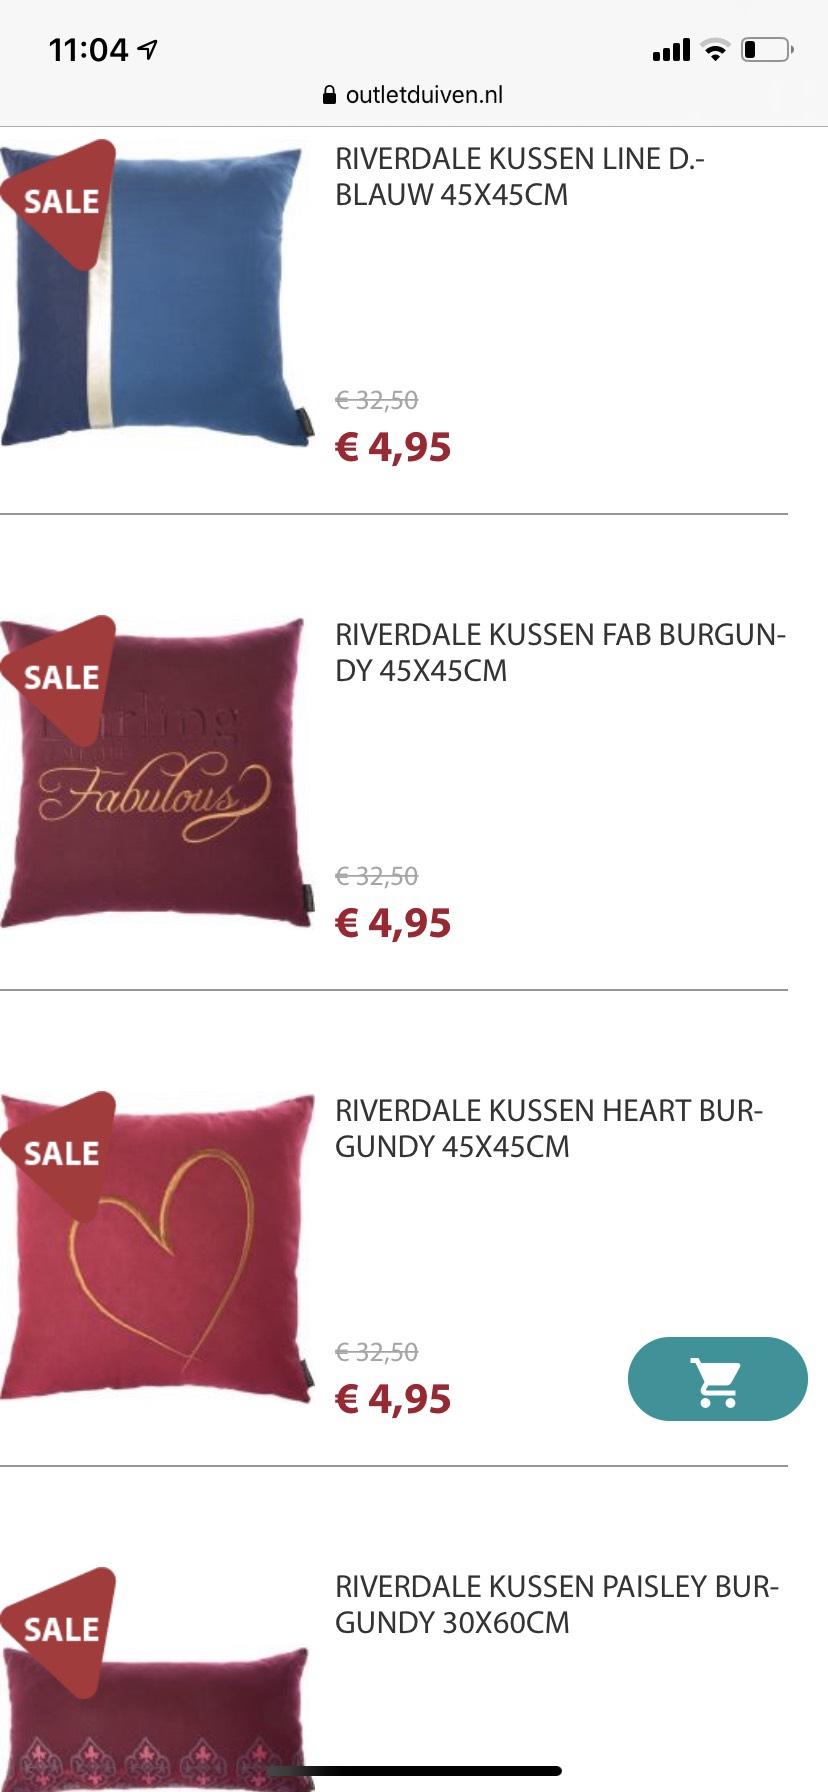 Riverdale kussens voor €4,95